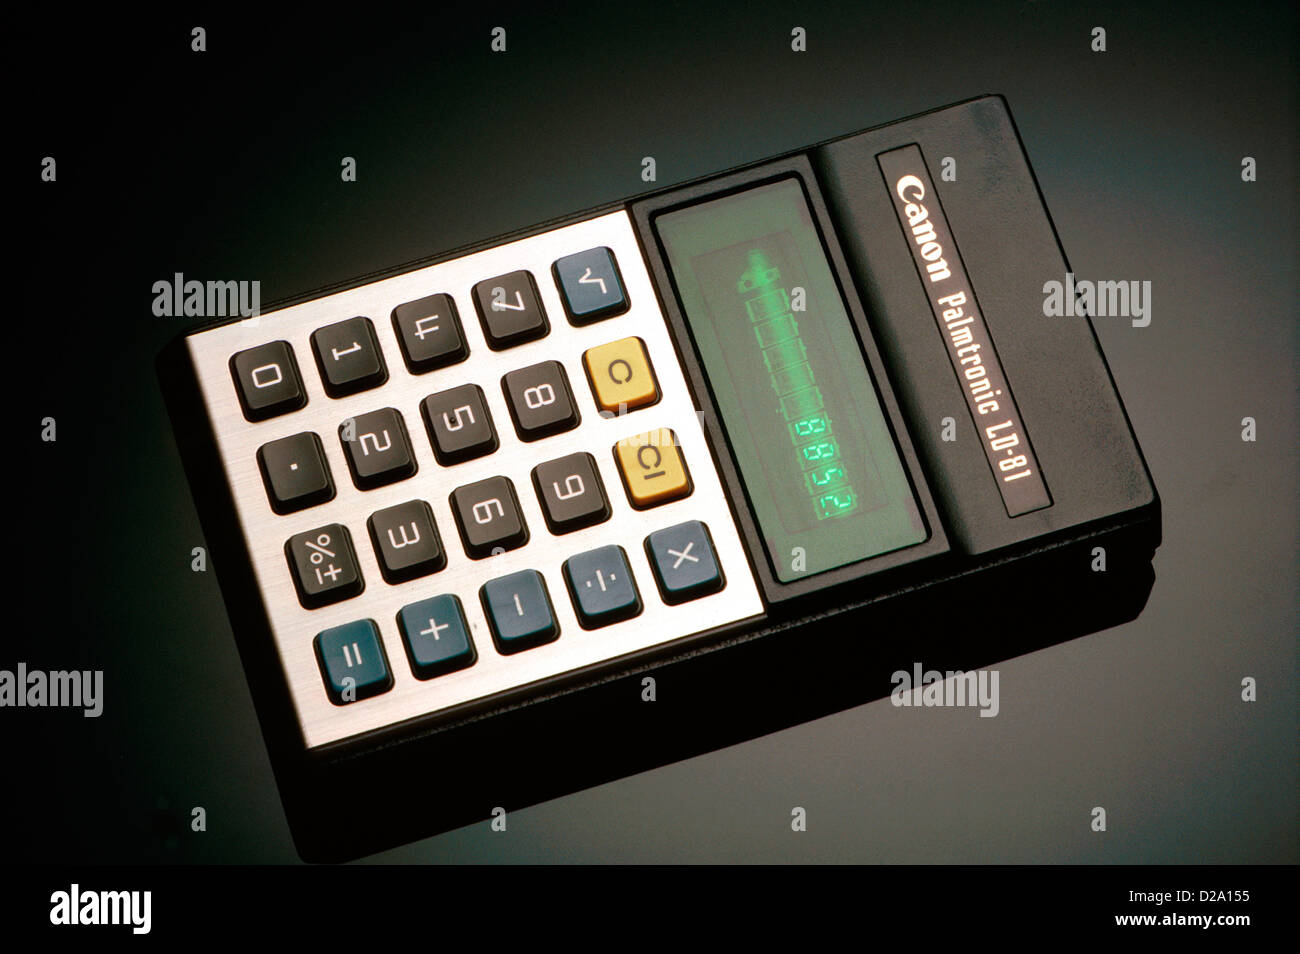 Calcolatrice elettronica circa. 1985 Immagini Stock